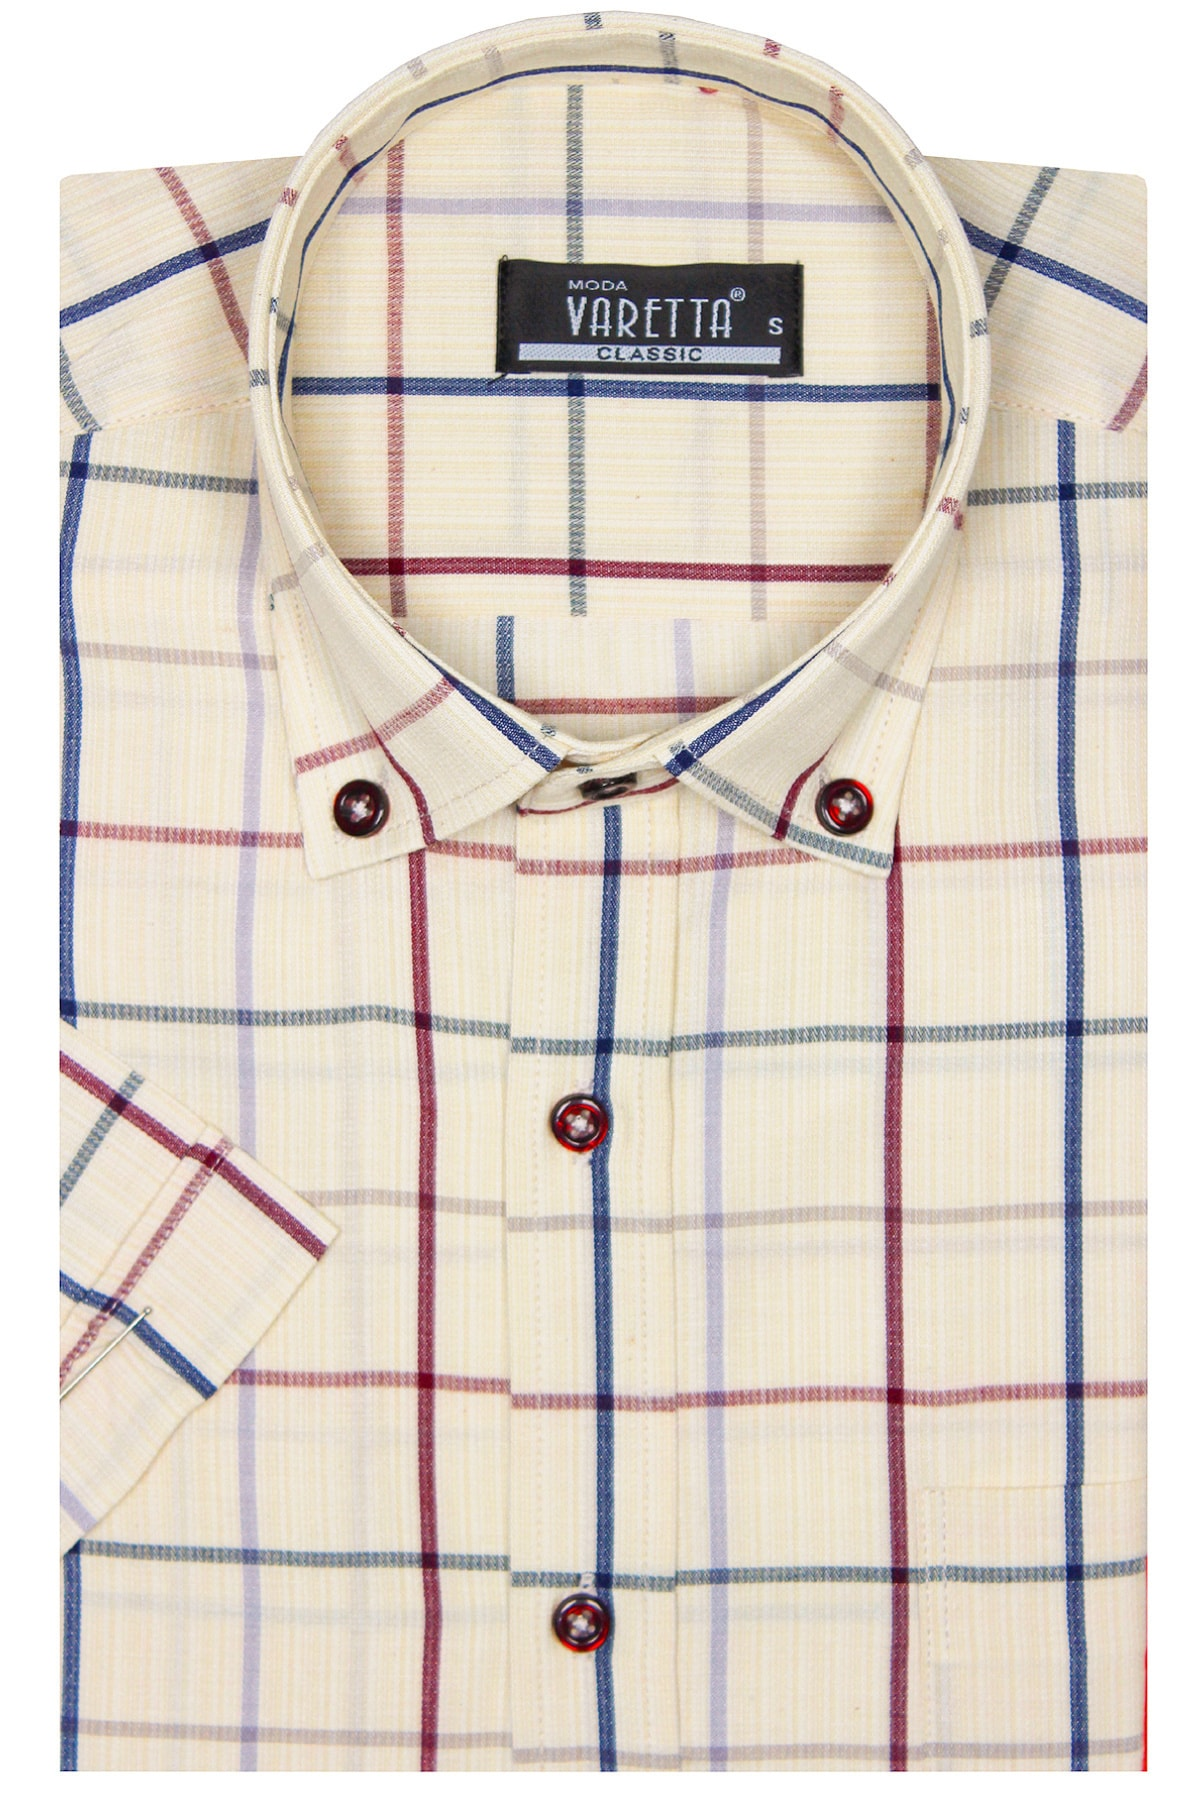 Erkek Bej Rengi Kısa Kol Yaka Düğmeli Kareli Tek Cepli Klasik Kesim Gömlek